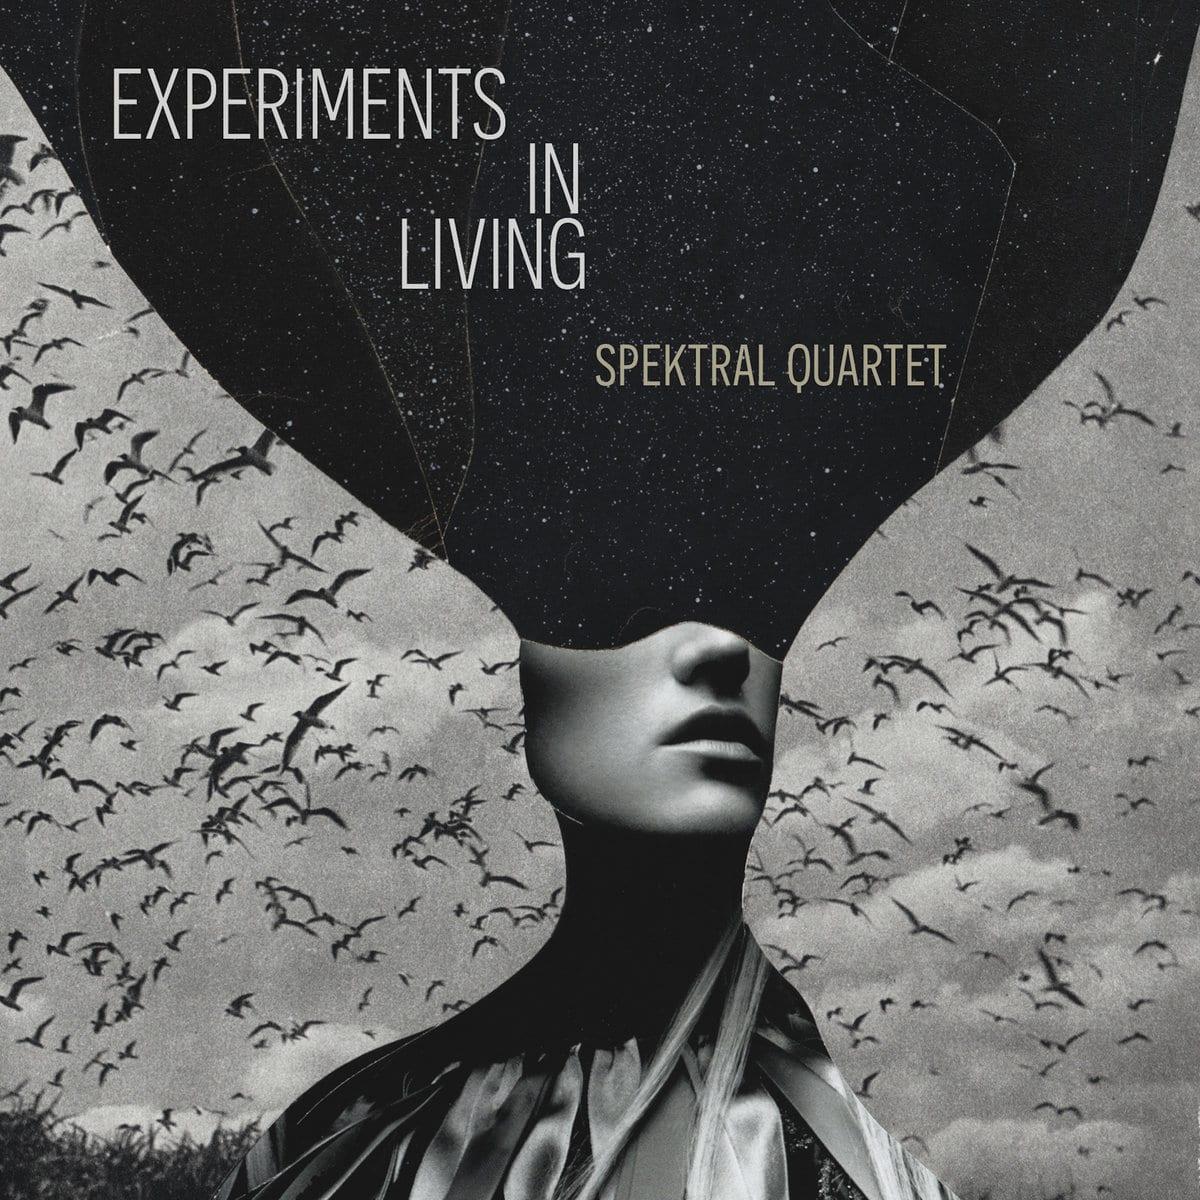 Experiments in Living: Spektral Quartet